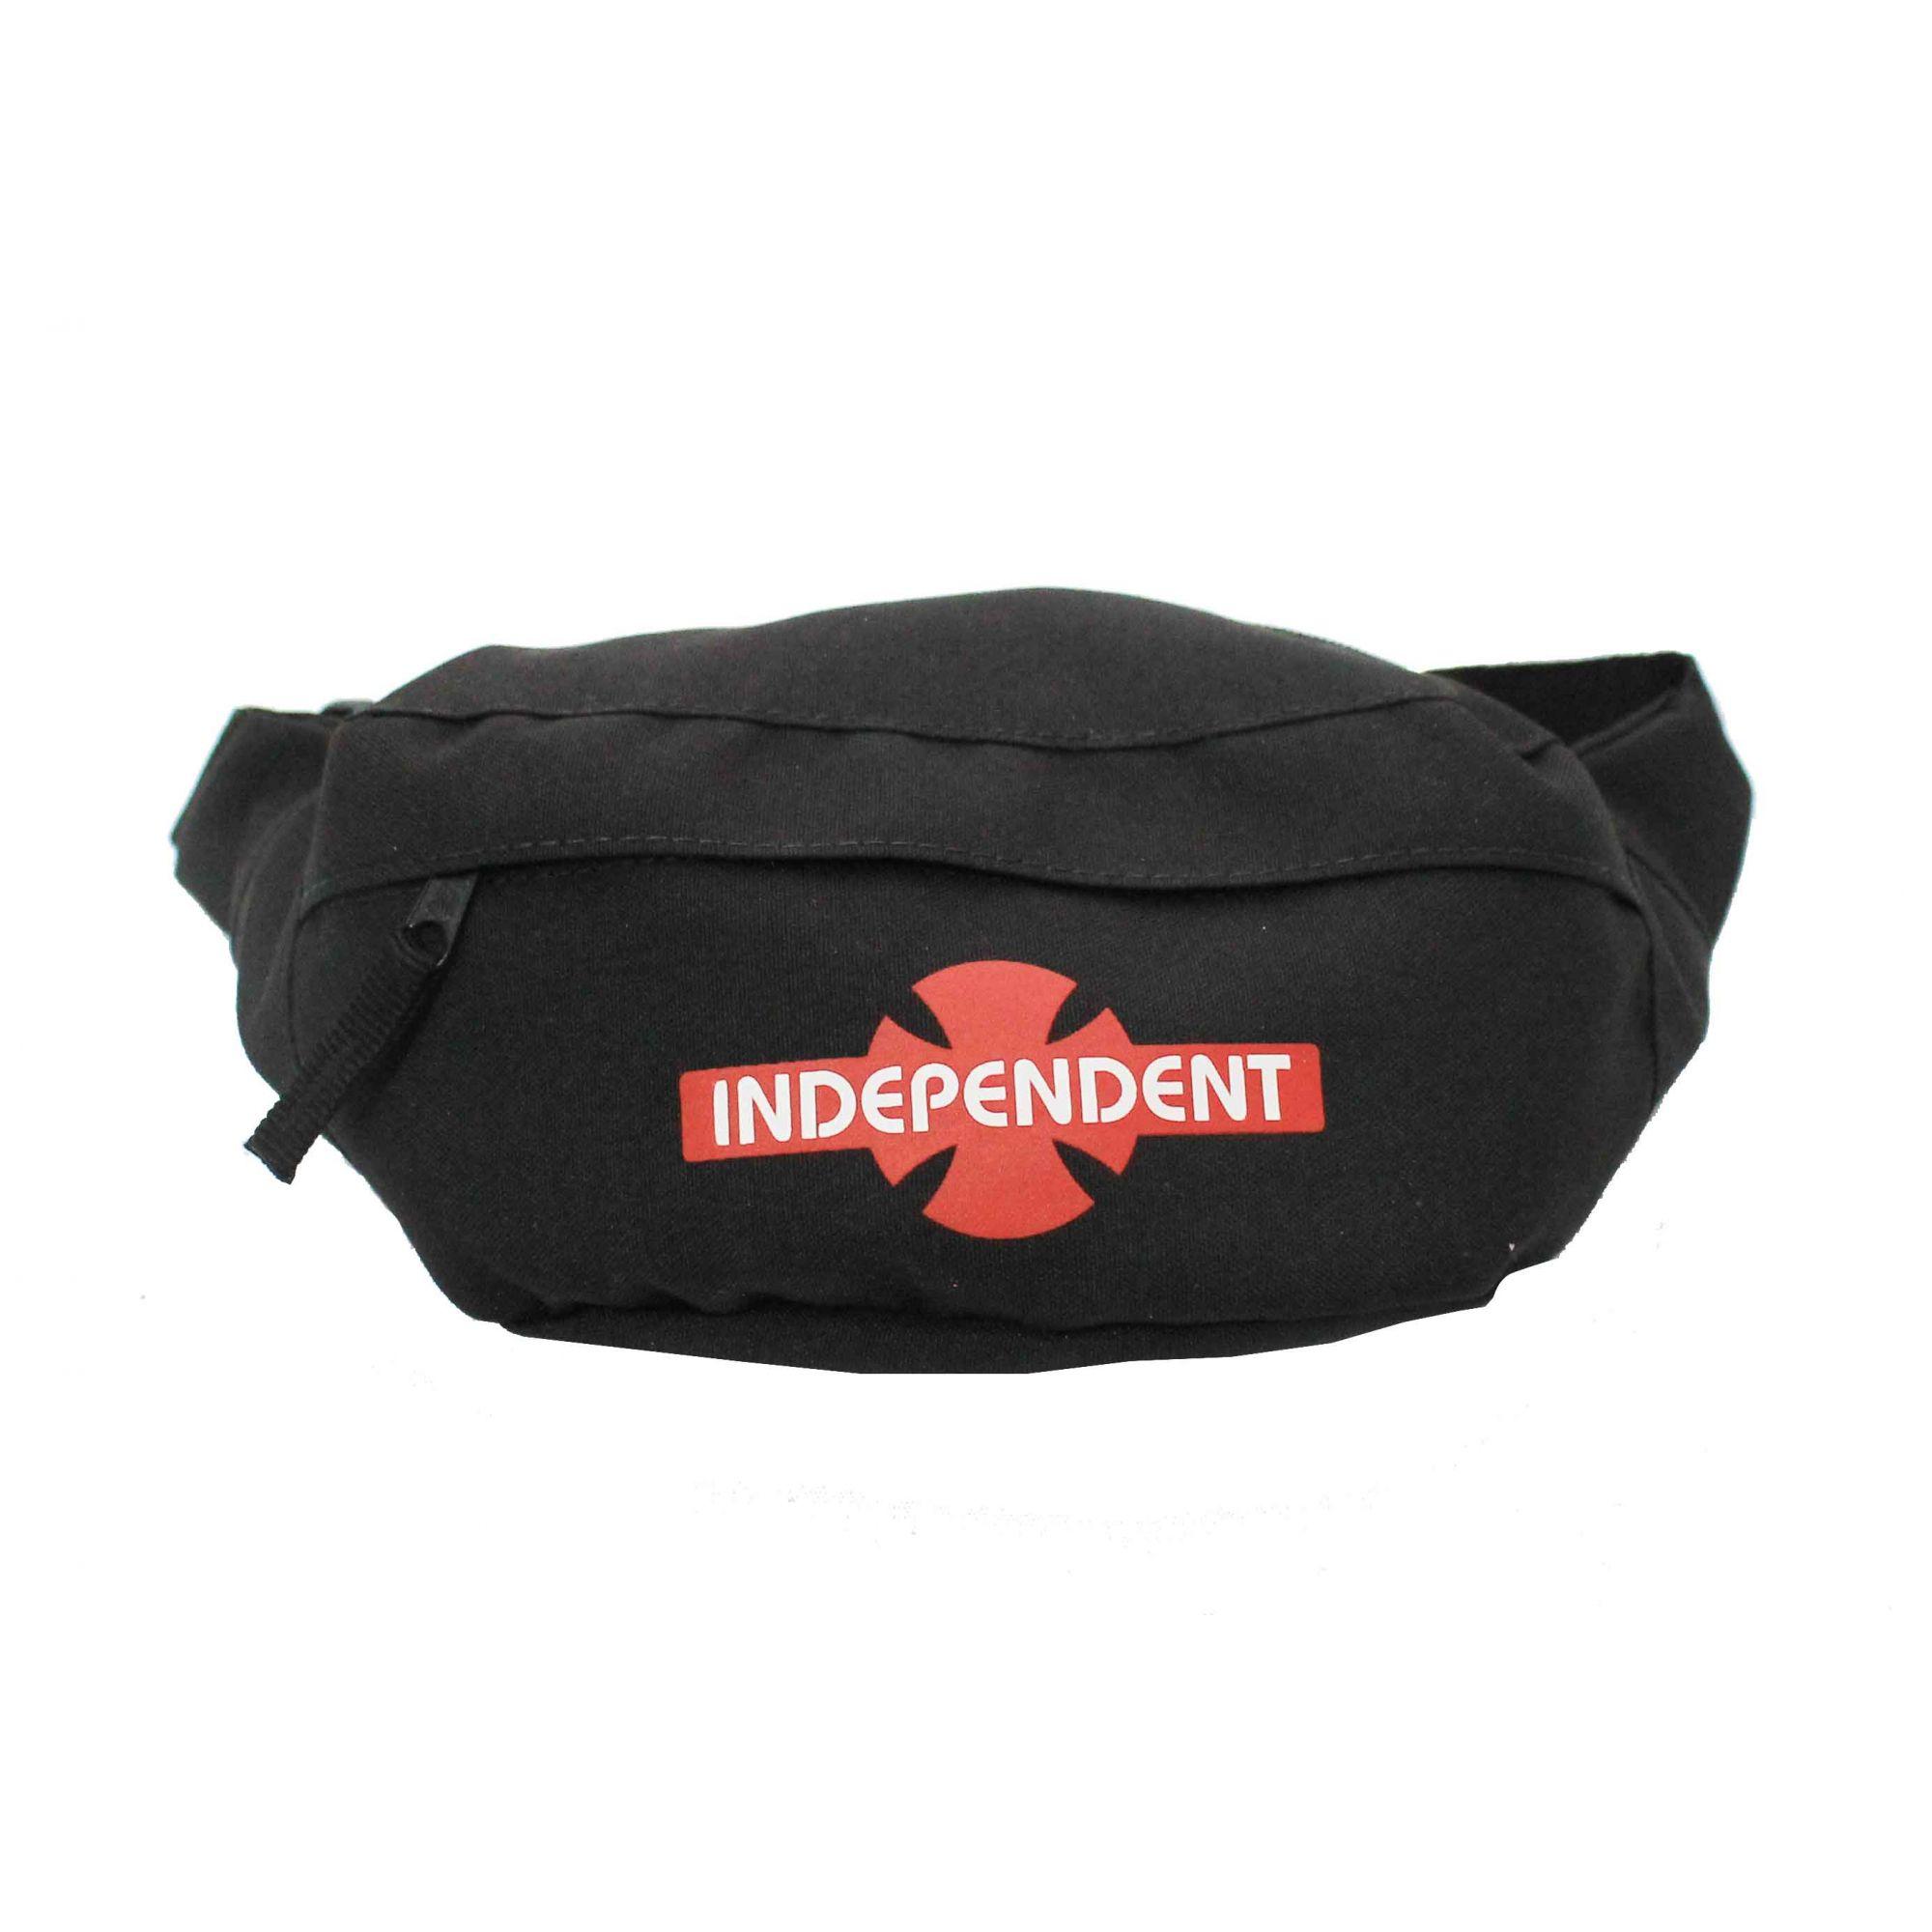 Pochete Independent  OGBC Bag Pack - Preto